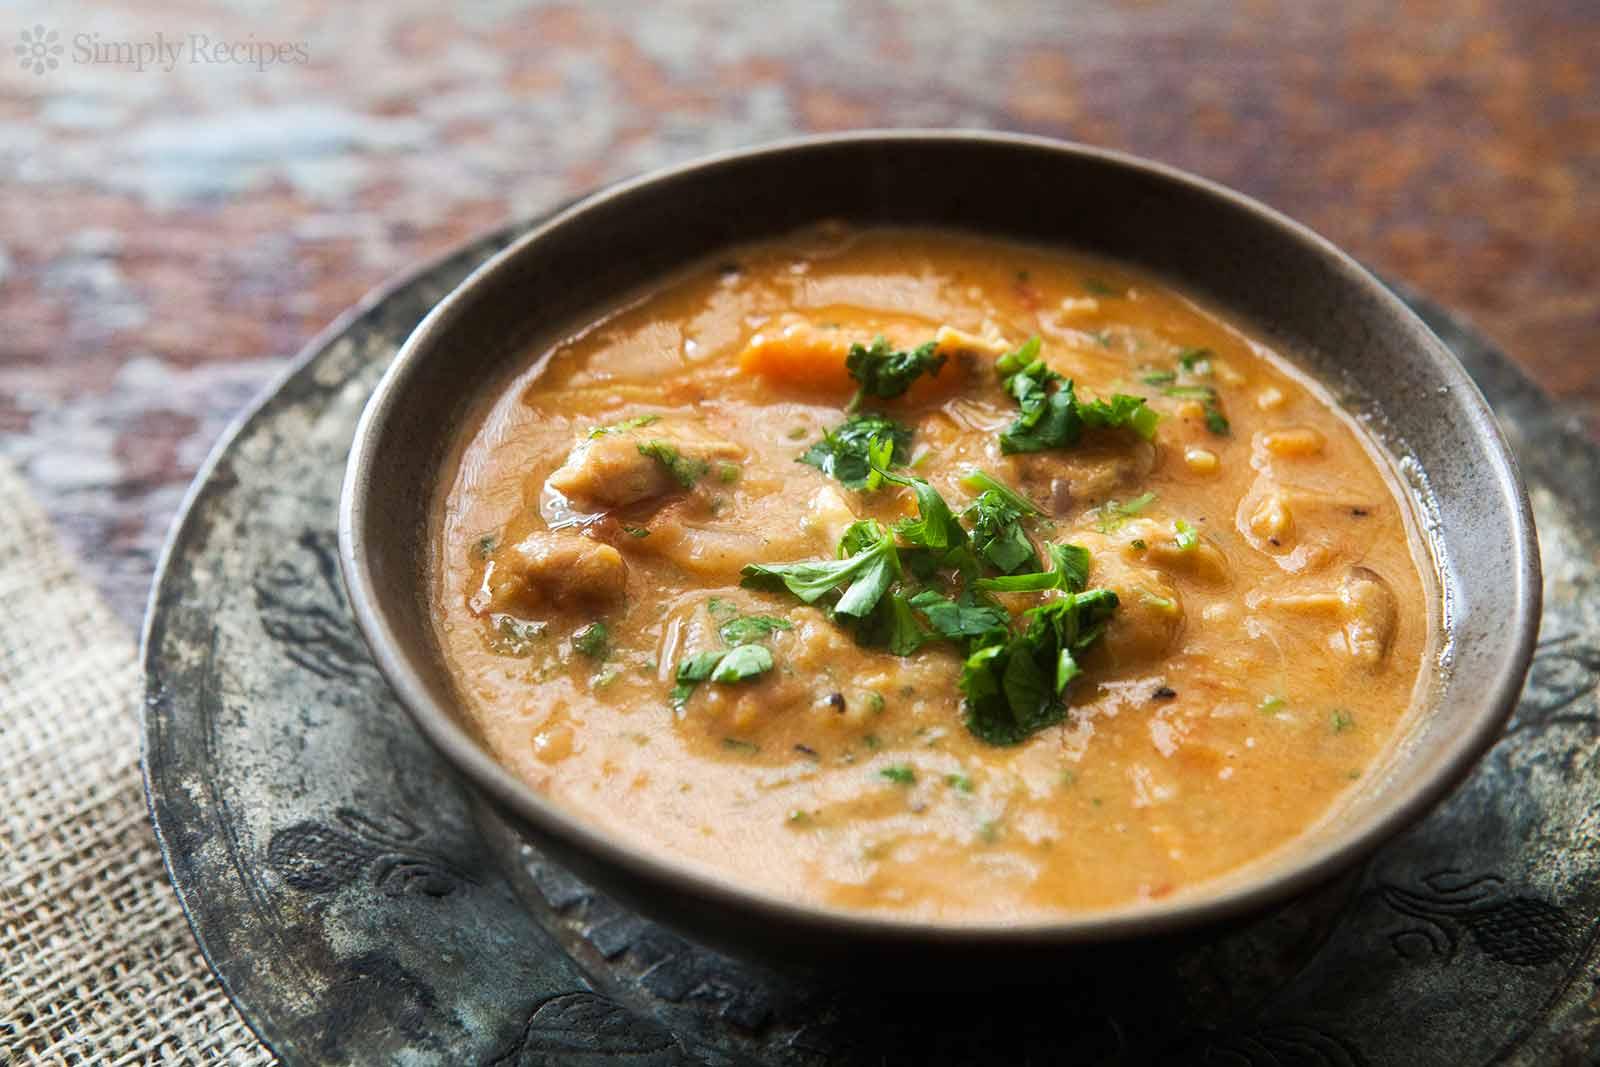 african-chicken-peanut-stew-horiz-b-1600.jpg